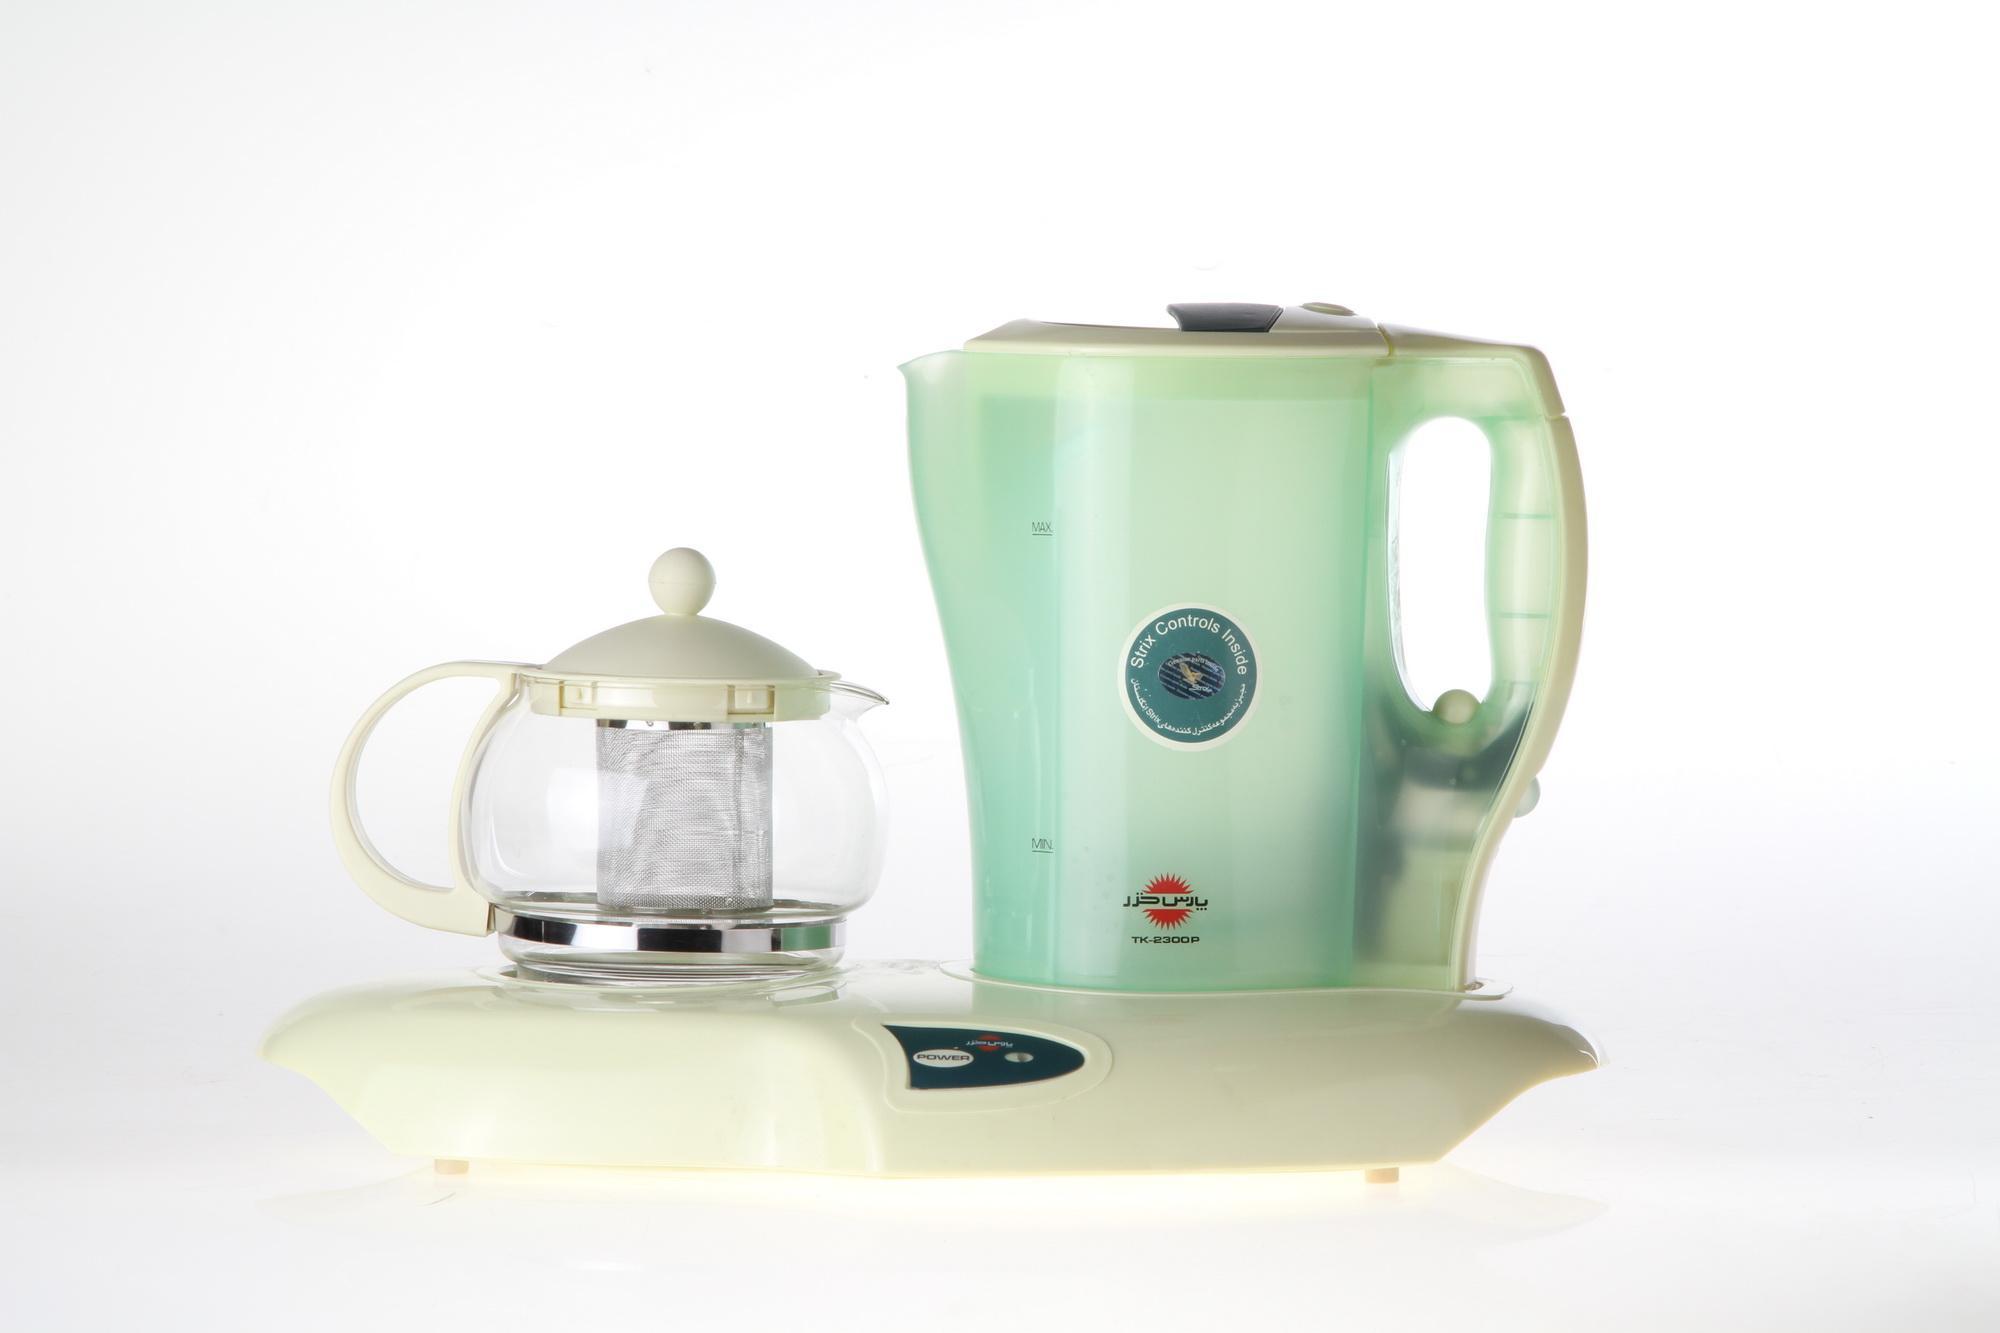 صفحه گرم کننده قوری چایساز پارس خزر مدل TM-3500P, TK-2300P